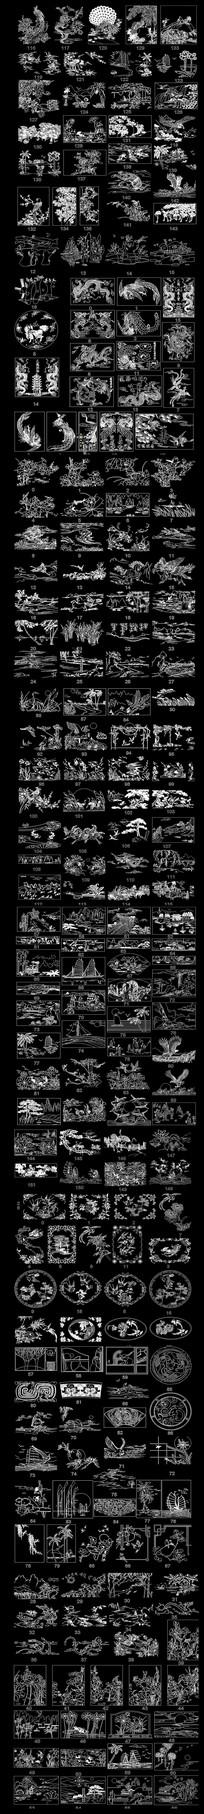 中国风花鸟雕花雕刻装饰图案